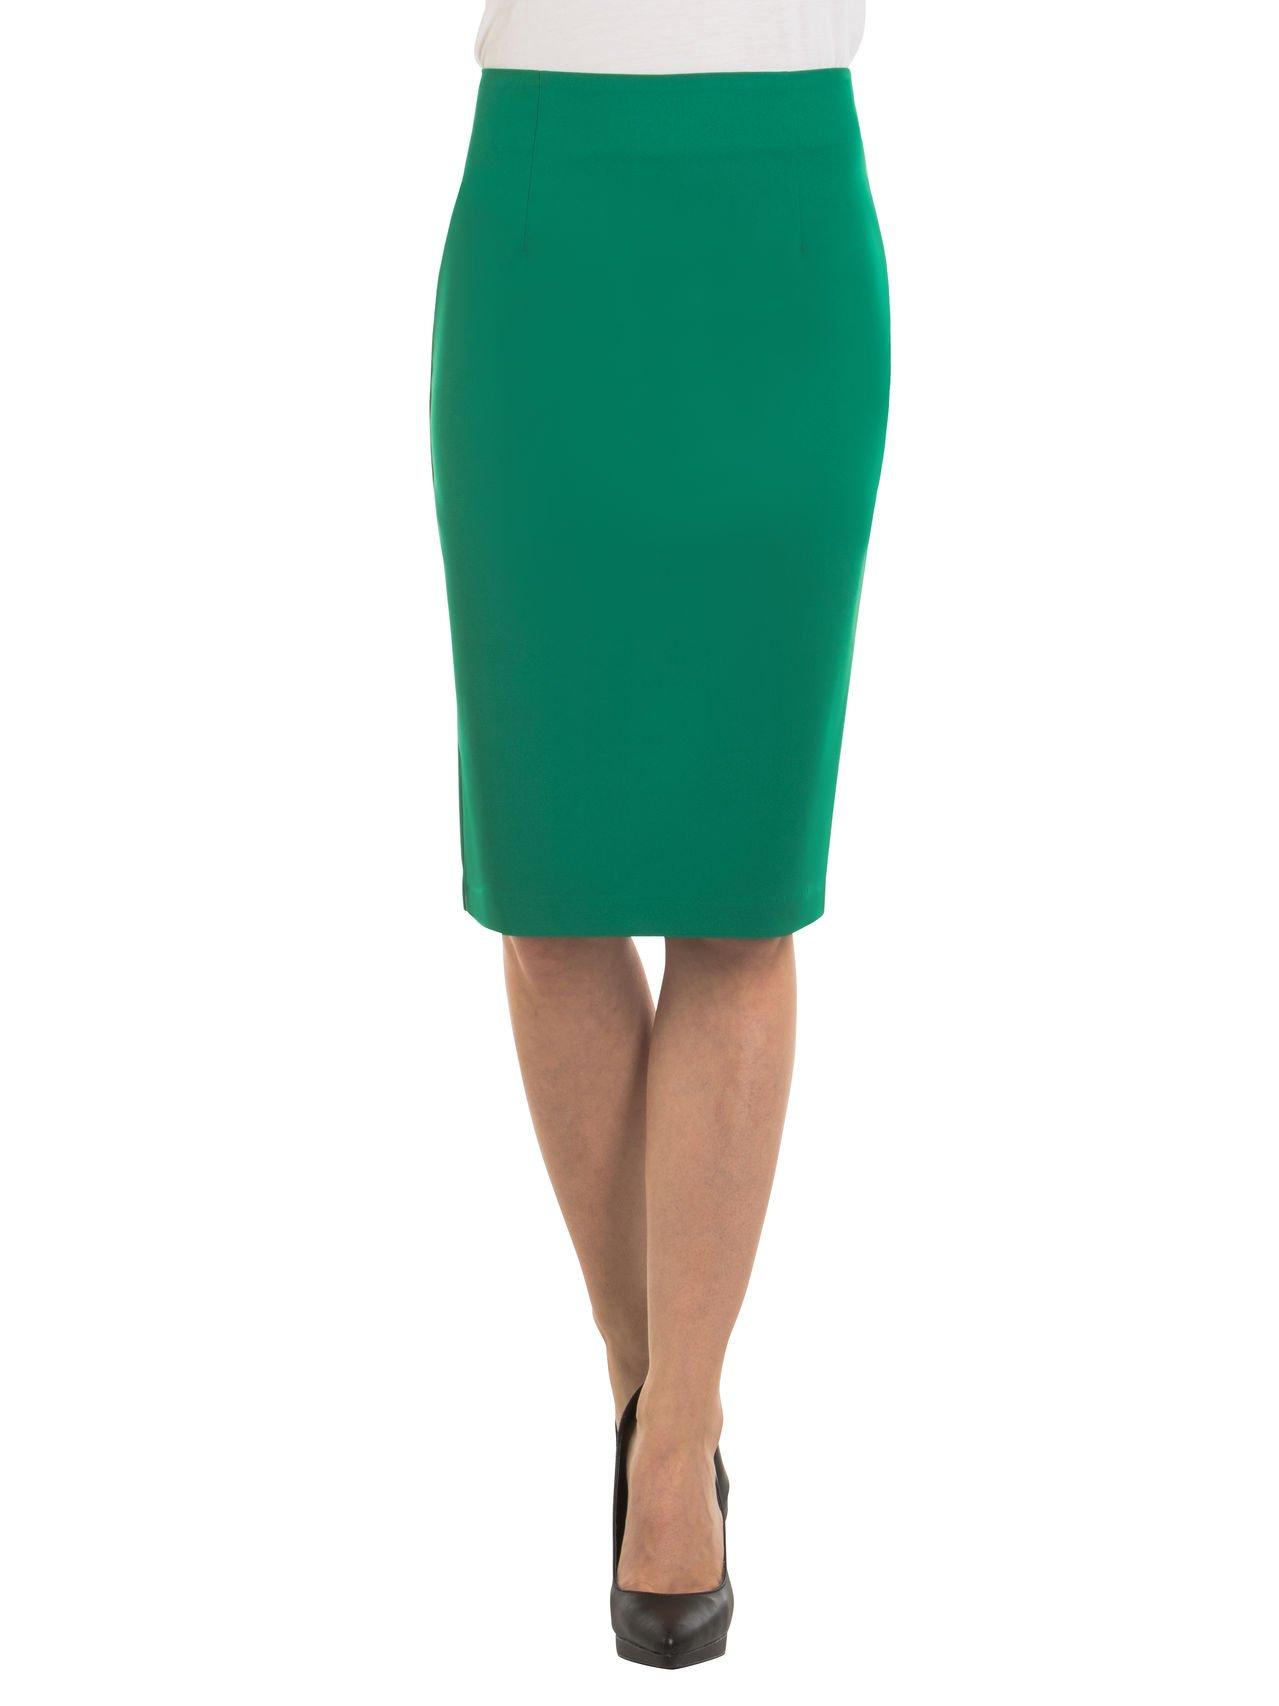 Velucci Womens High Waist Pencil Skirt - Knee High - Zipper - Back Slit, Green-L